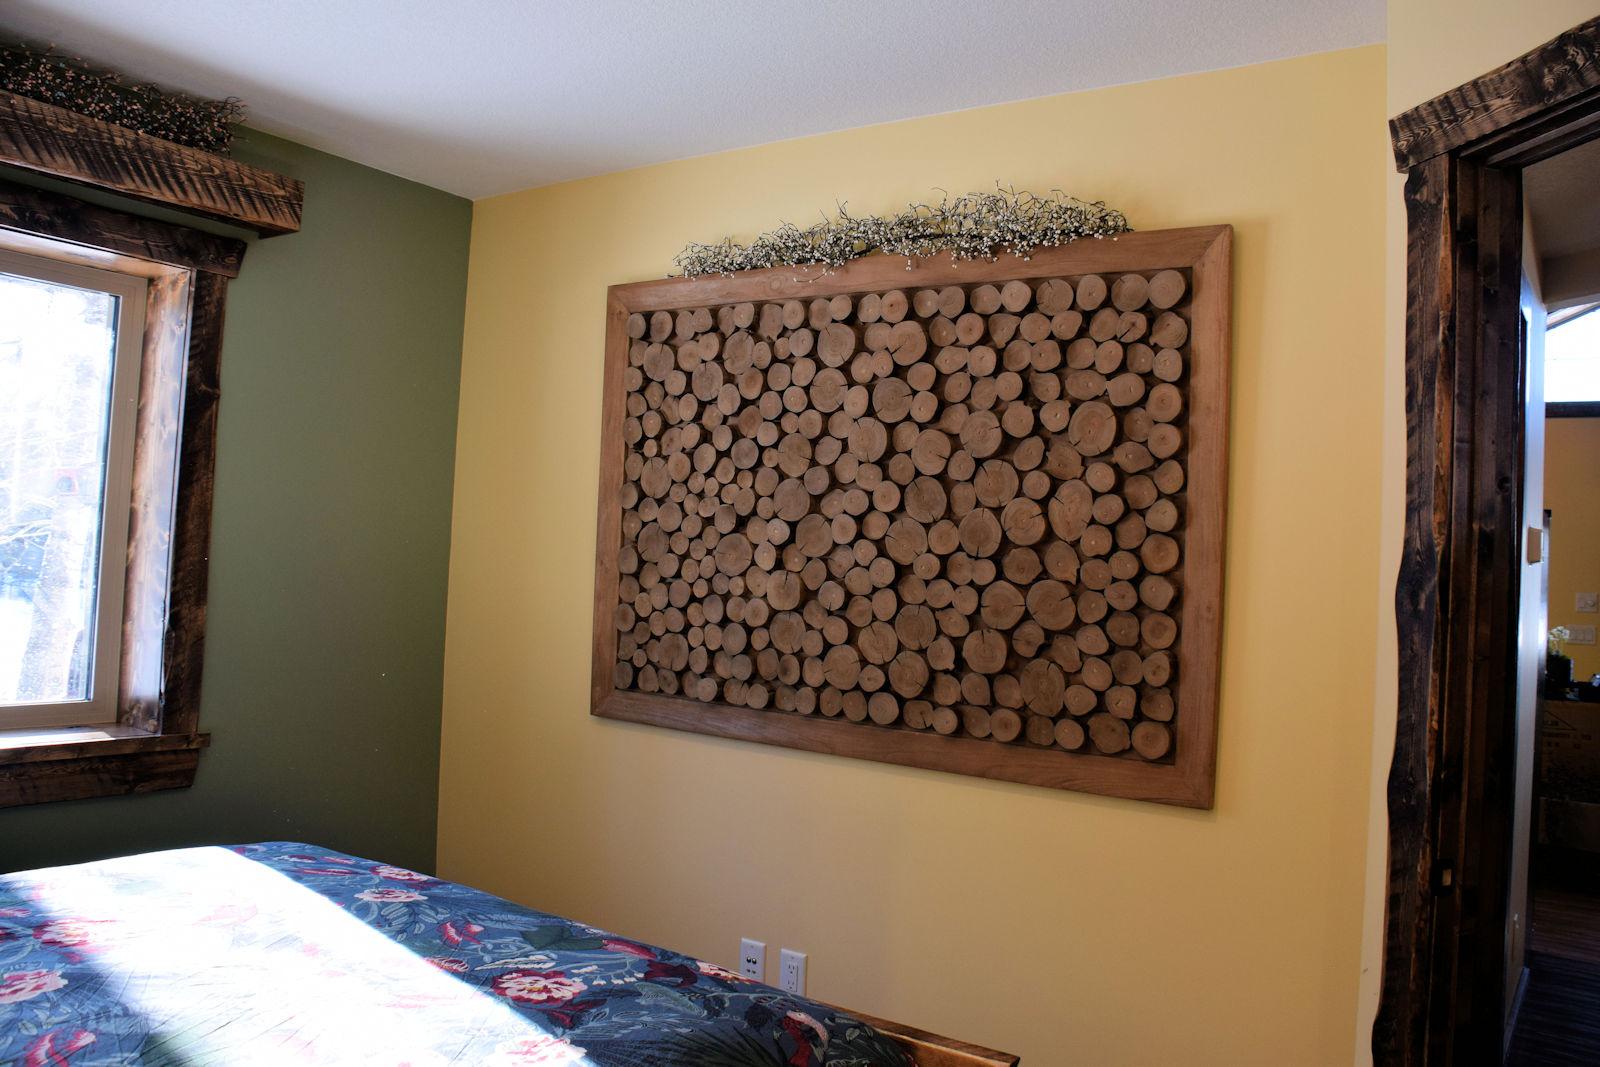 https://0901.nccdn.net/4_2/000/000/05e/0e7/queen-bedroom-deco-1600x1067.jpg